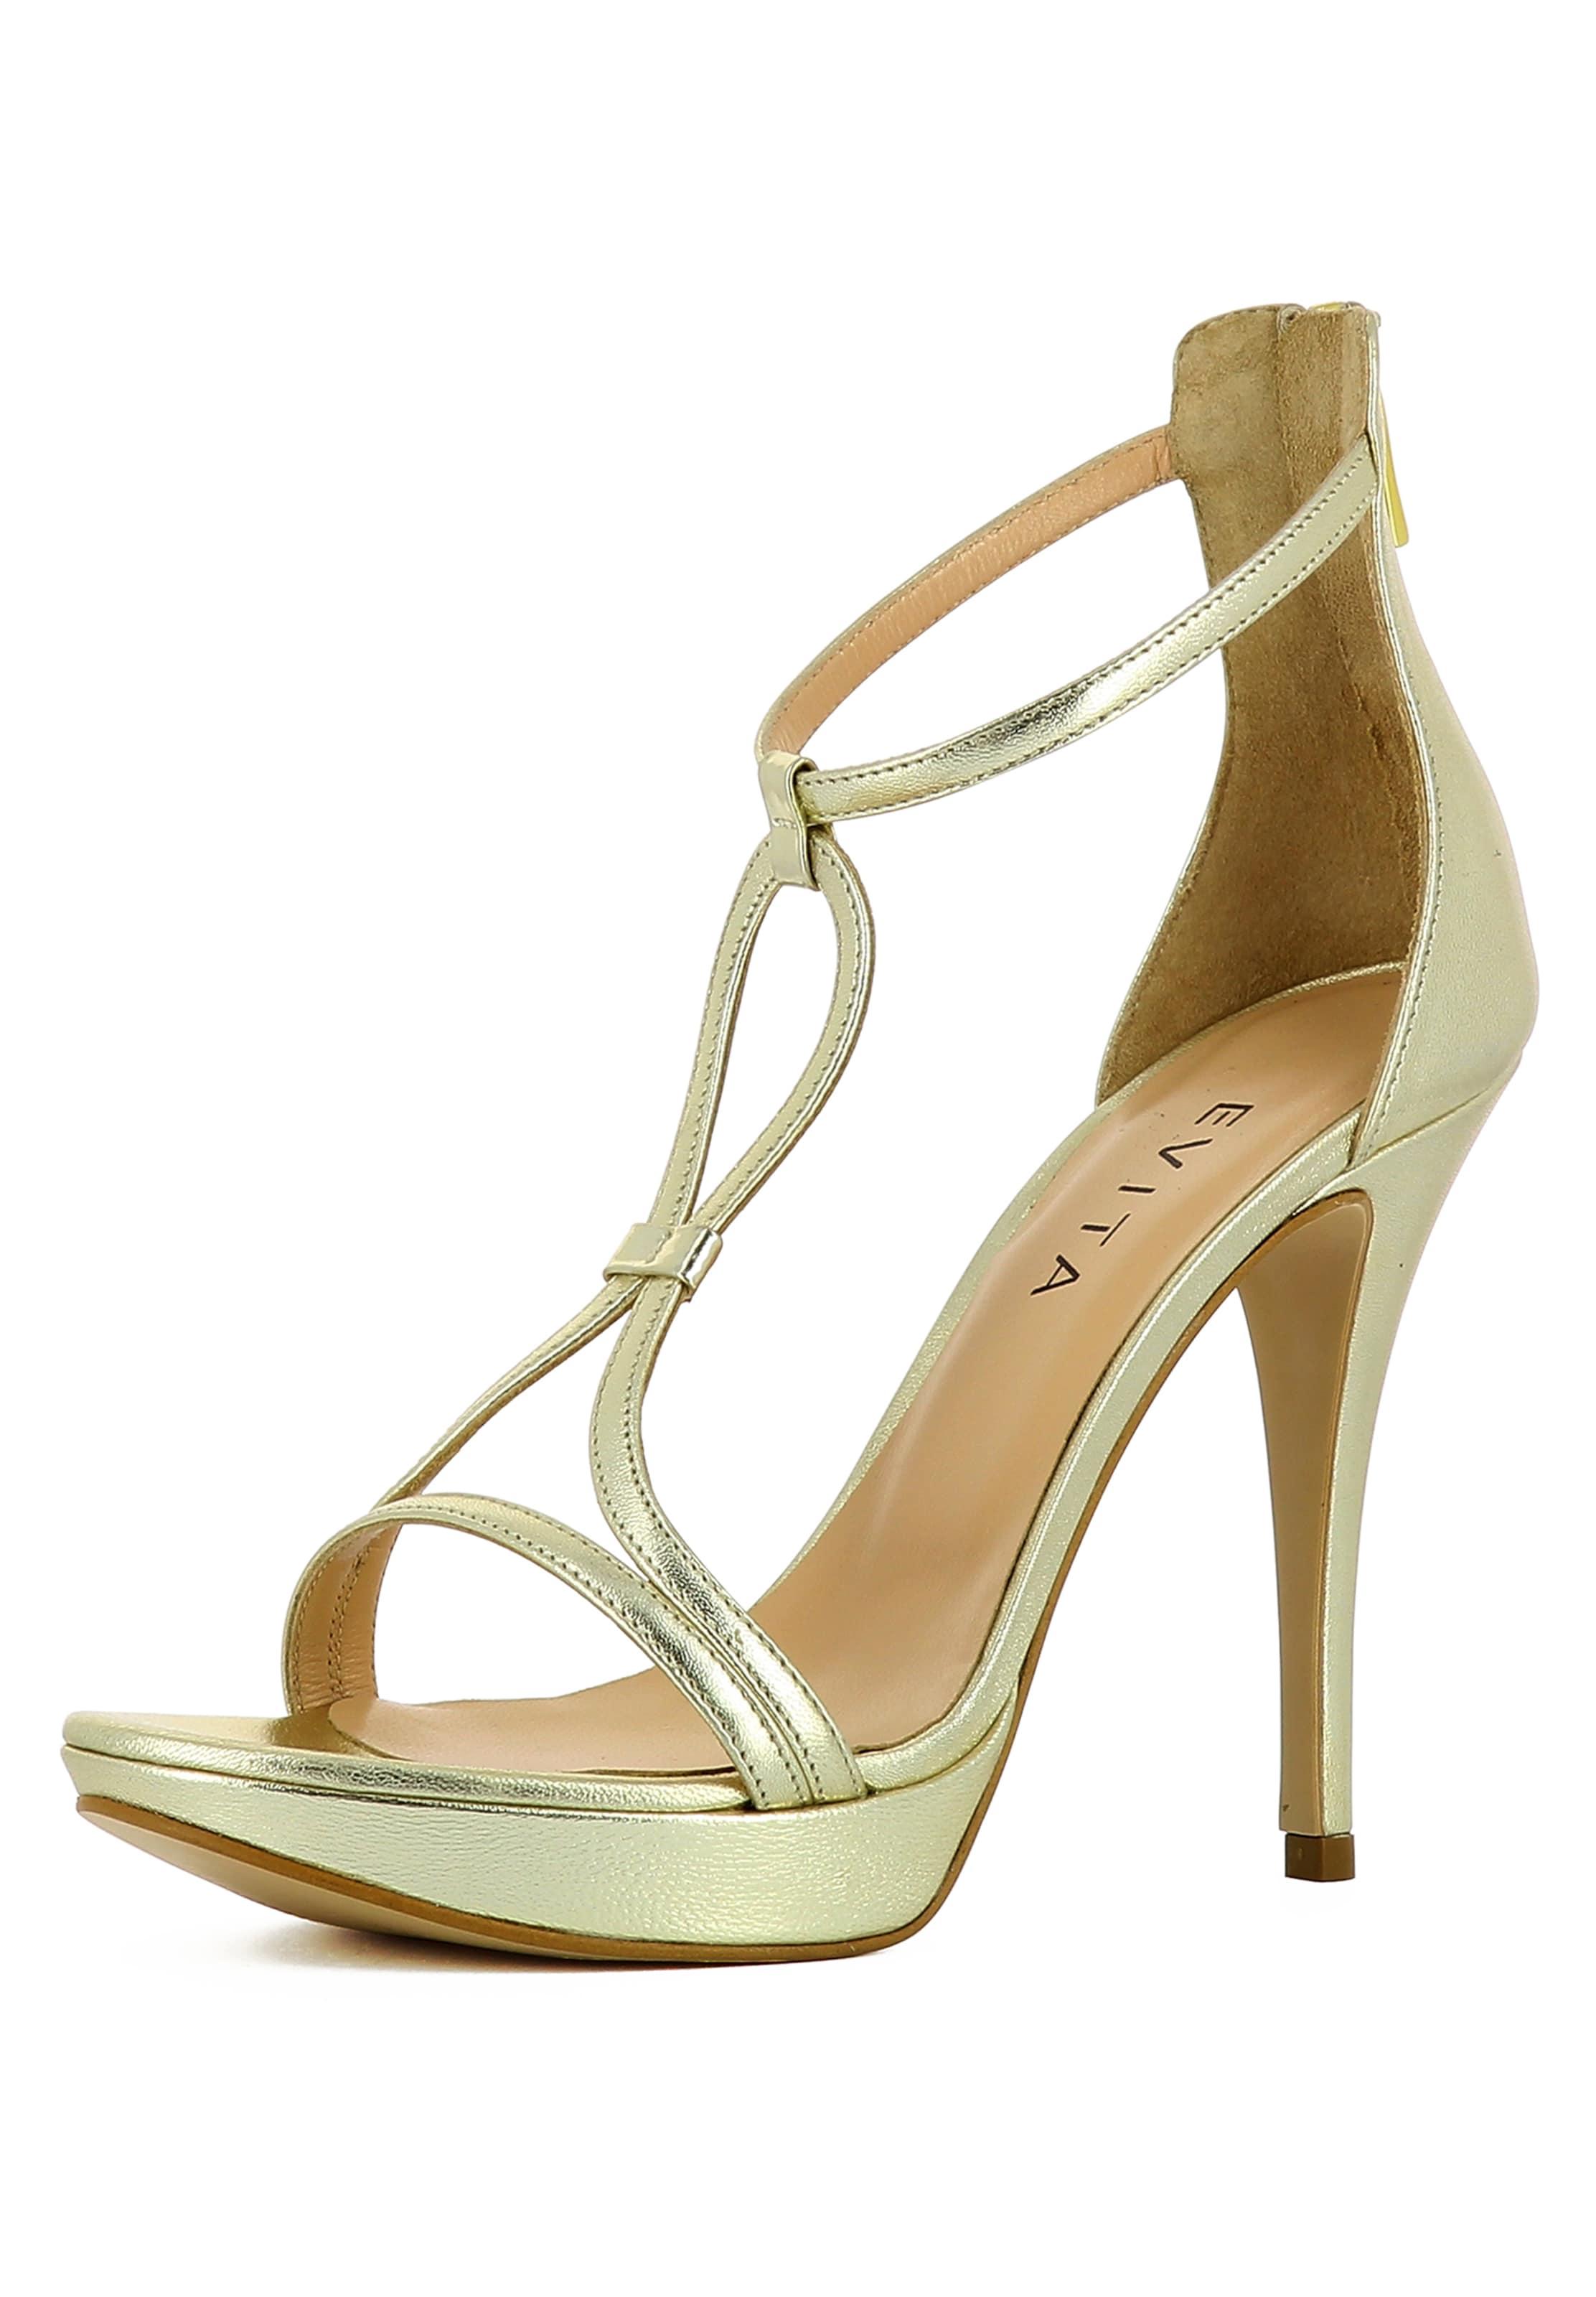 Sandalette Damen Gold Evita In Evita 45jARL